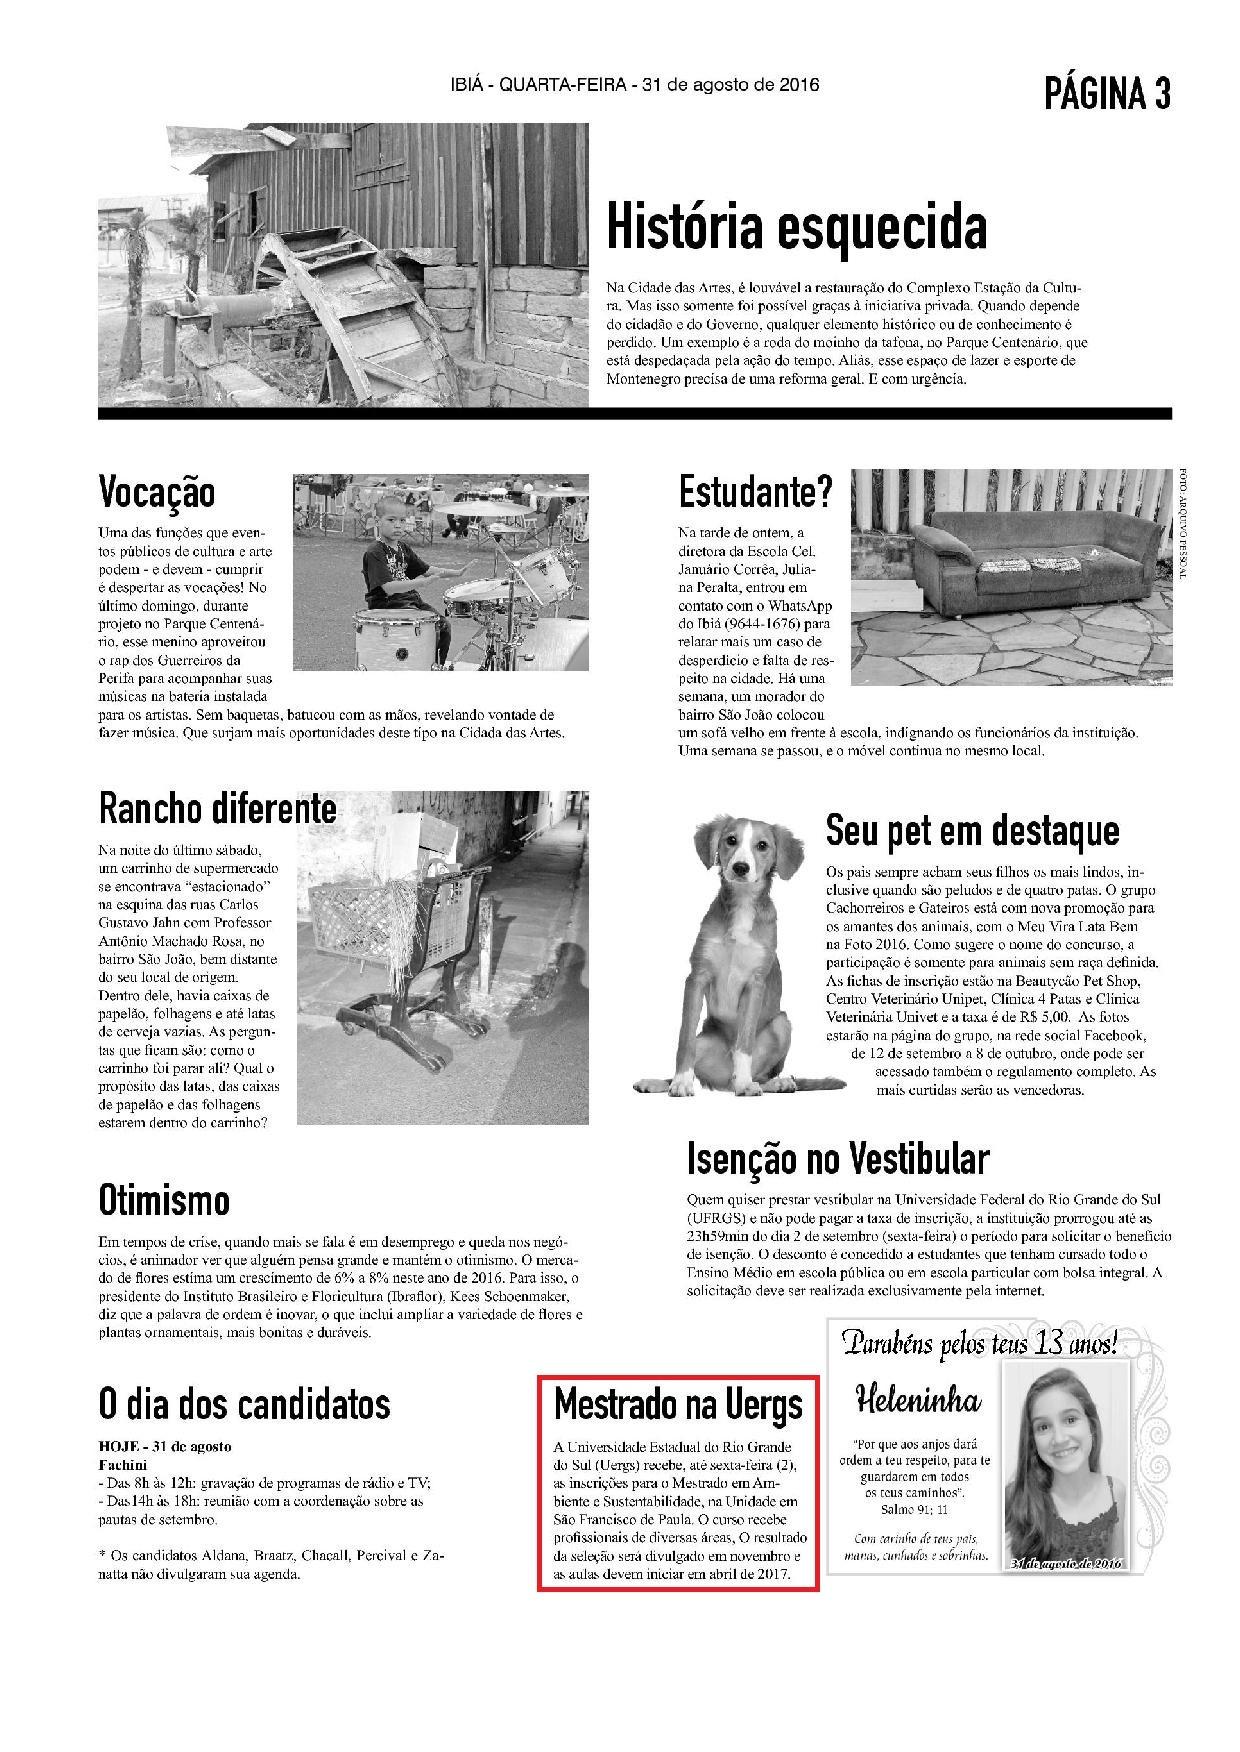 31 08 jornal ibia